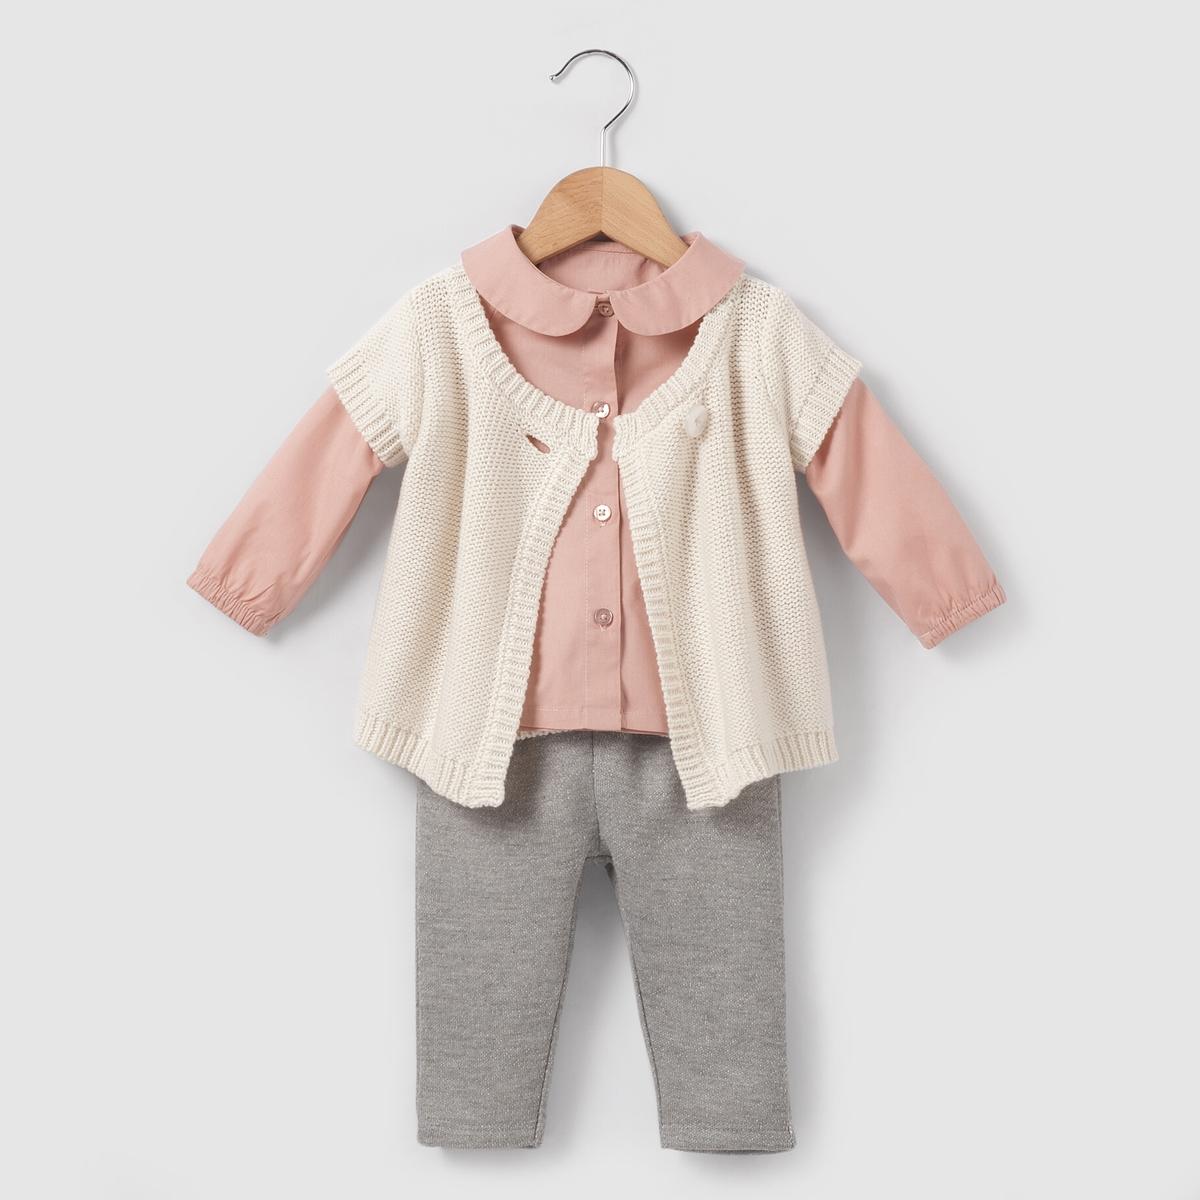 Комплект из блузки, жилета и штанишек 1 мес-3 лет от La Redoute Collections